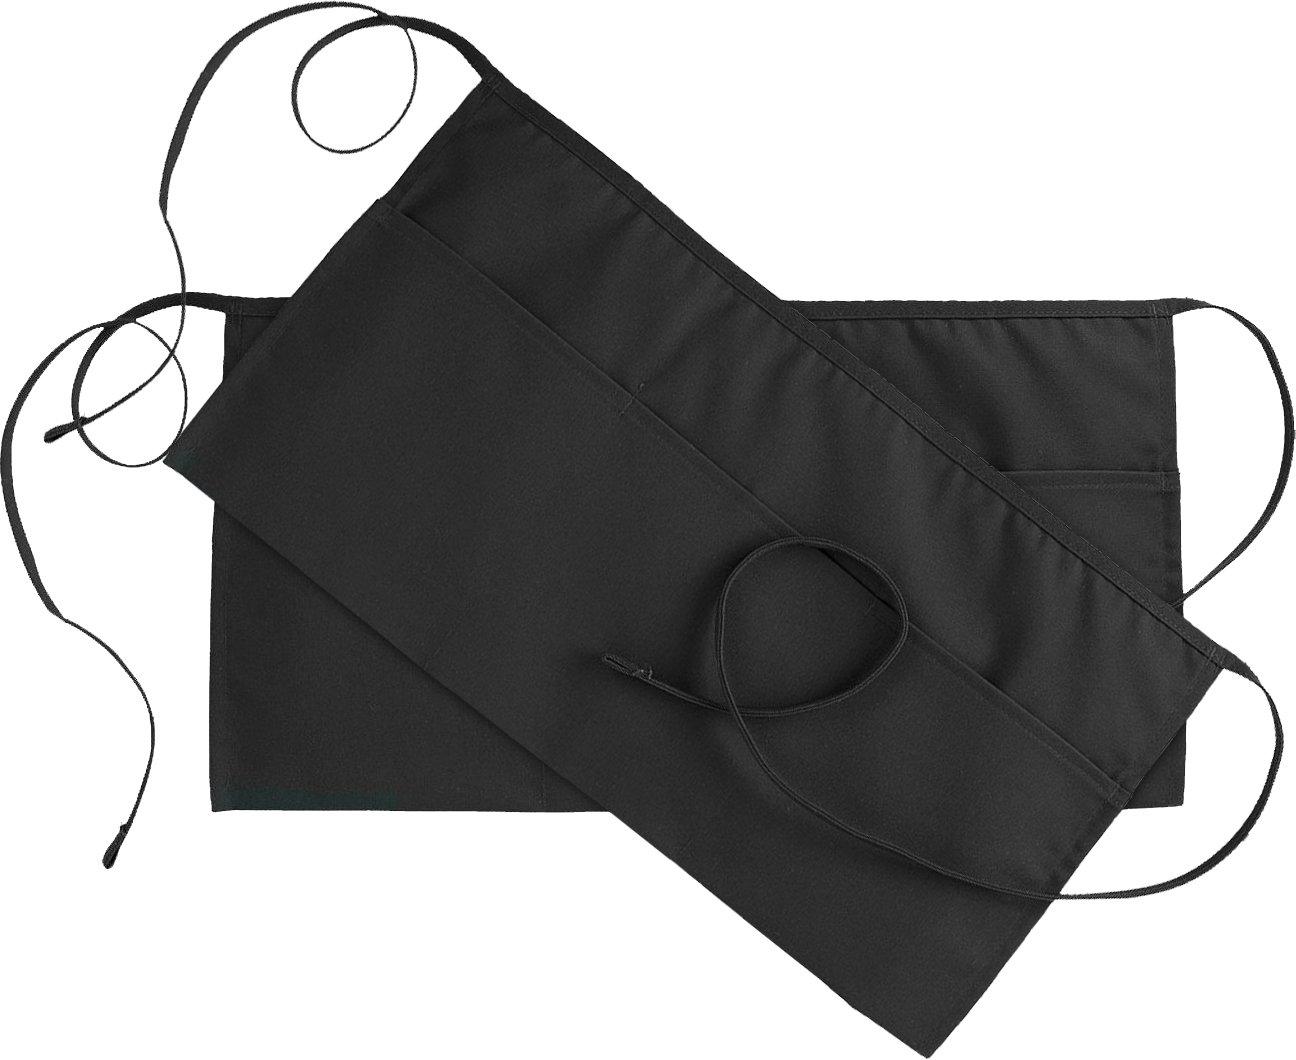 Bistro-garden-craftsmen commercial 3 pockets waist apron